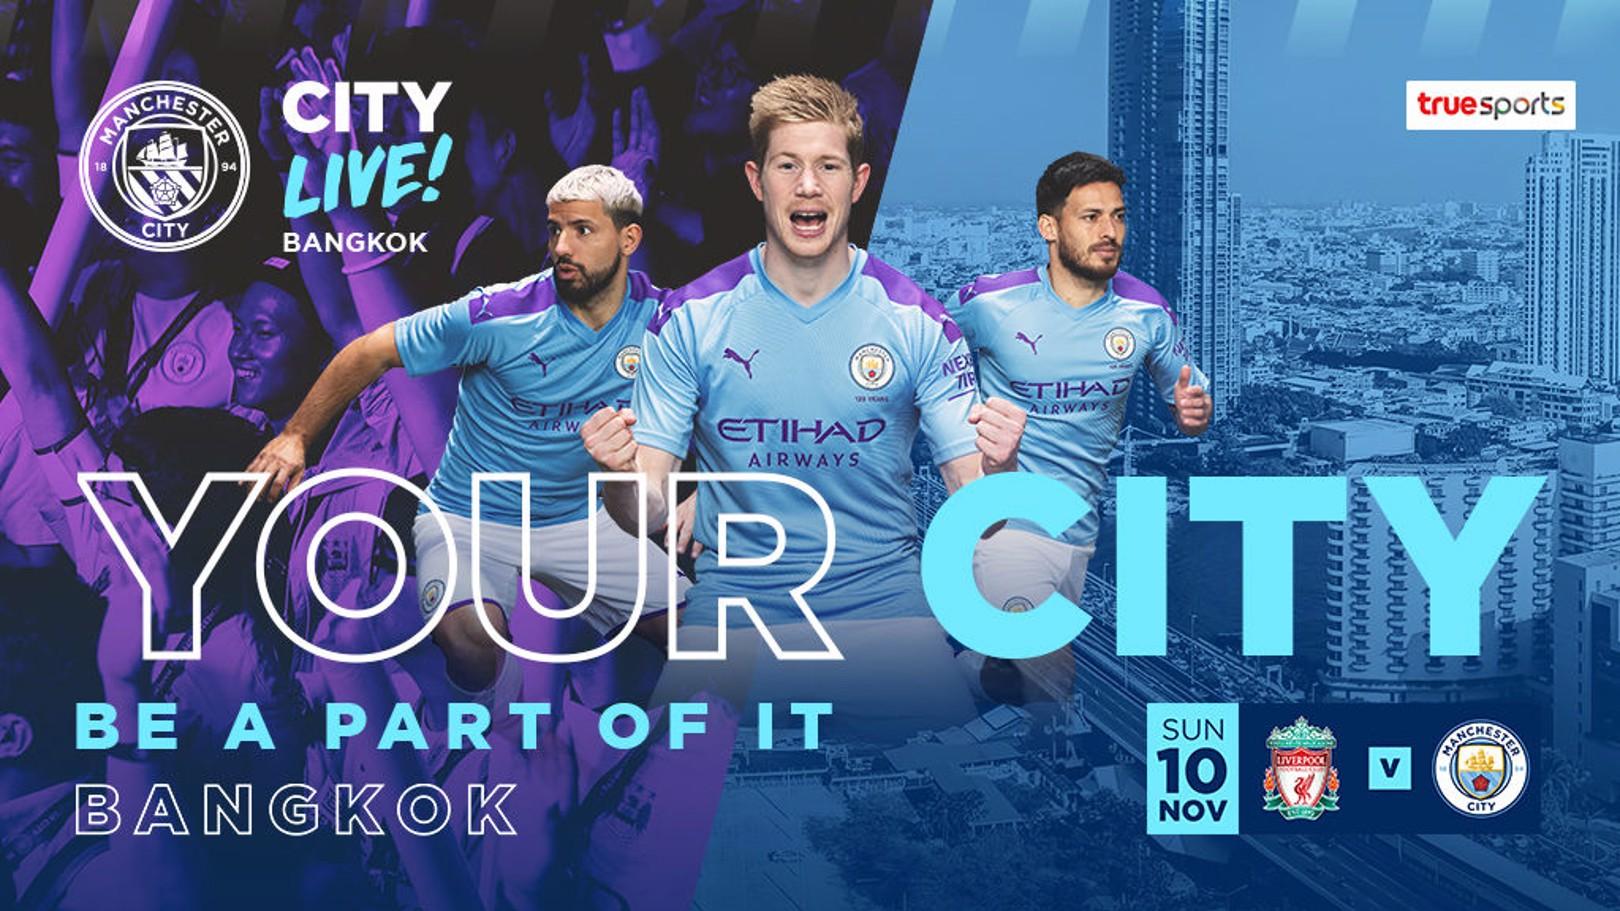 City Live! set for Bangkok